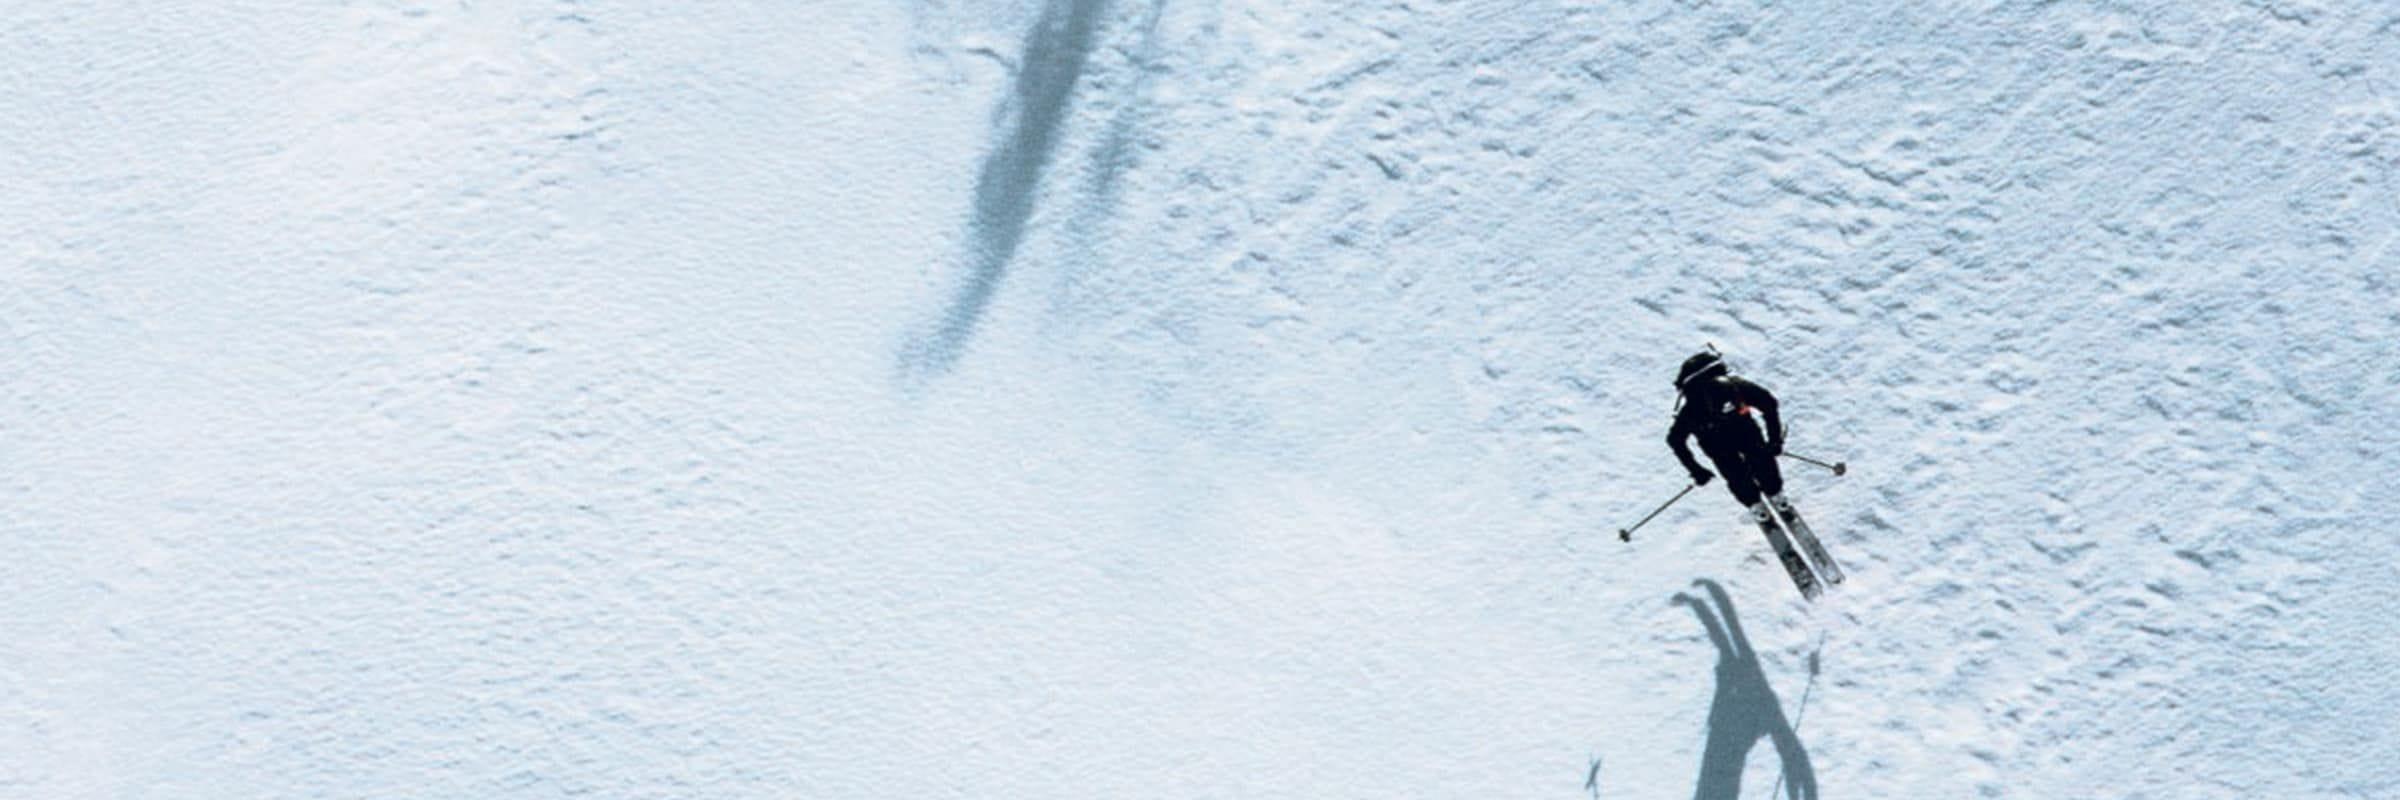 Peak Performance lance son ensemble de ski Gore-Tex Pro Mystery